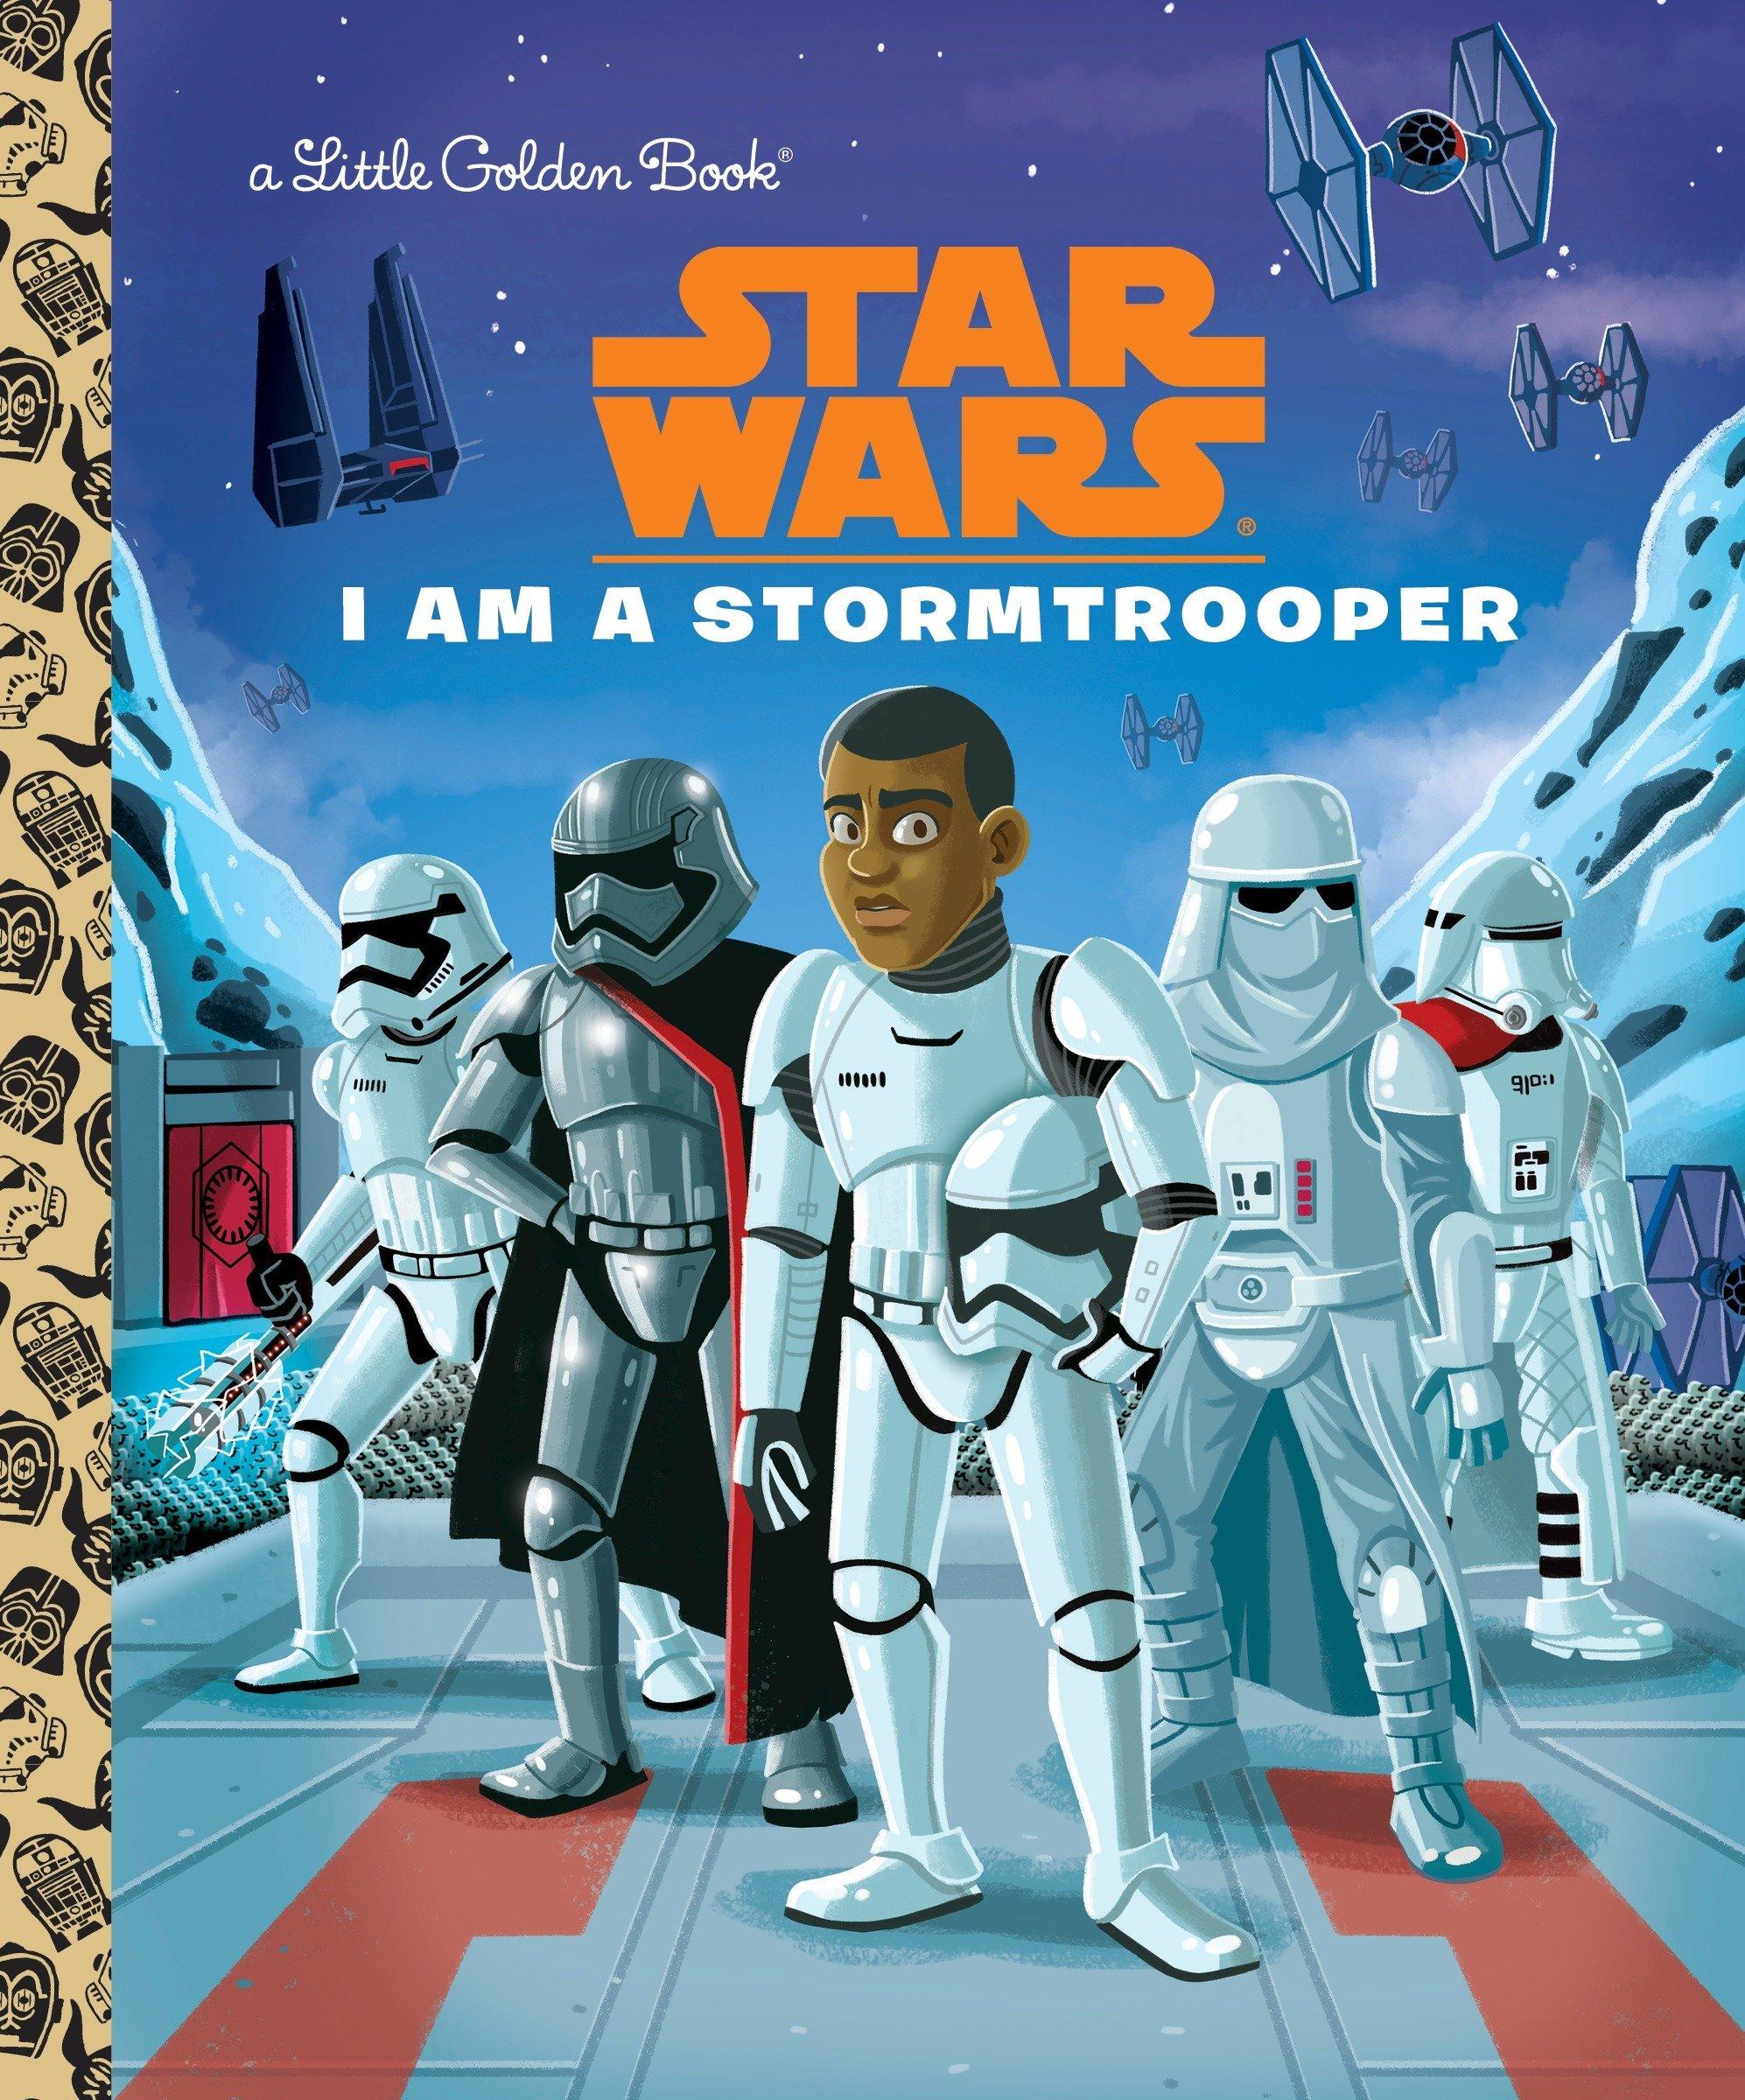 I Am a Stormtrooper (Star Wars) (Little Golden Book): Golden Books, Chris  Kennett: 9780736435765: Amazon.com: Books